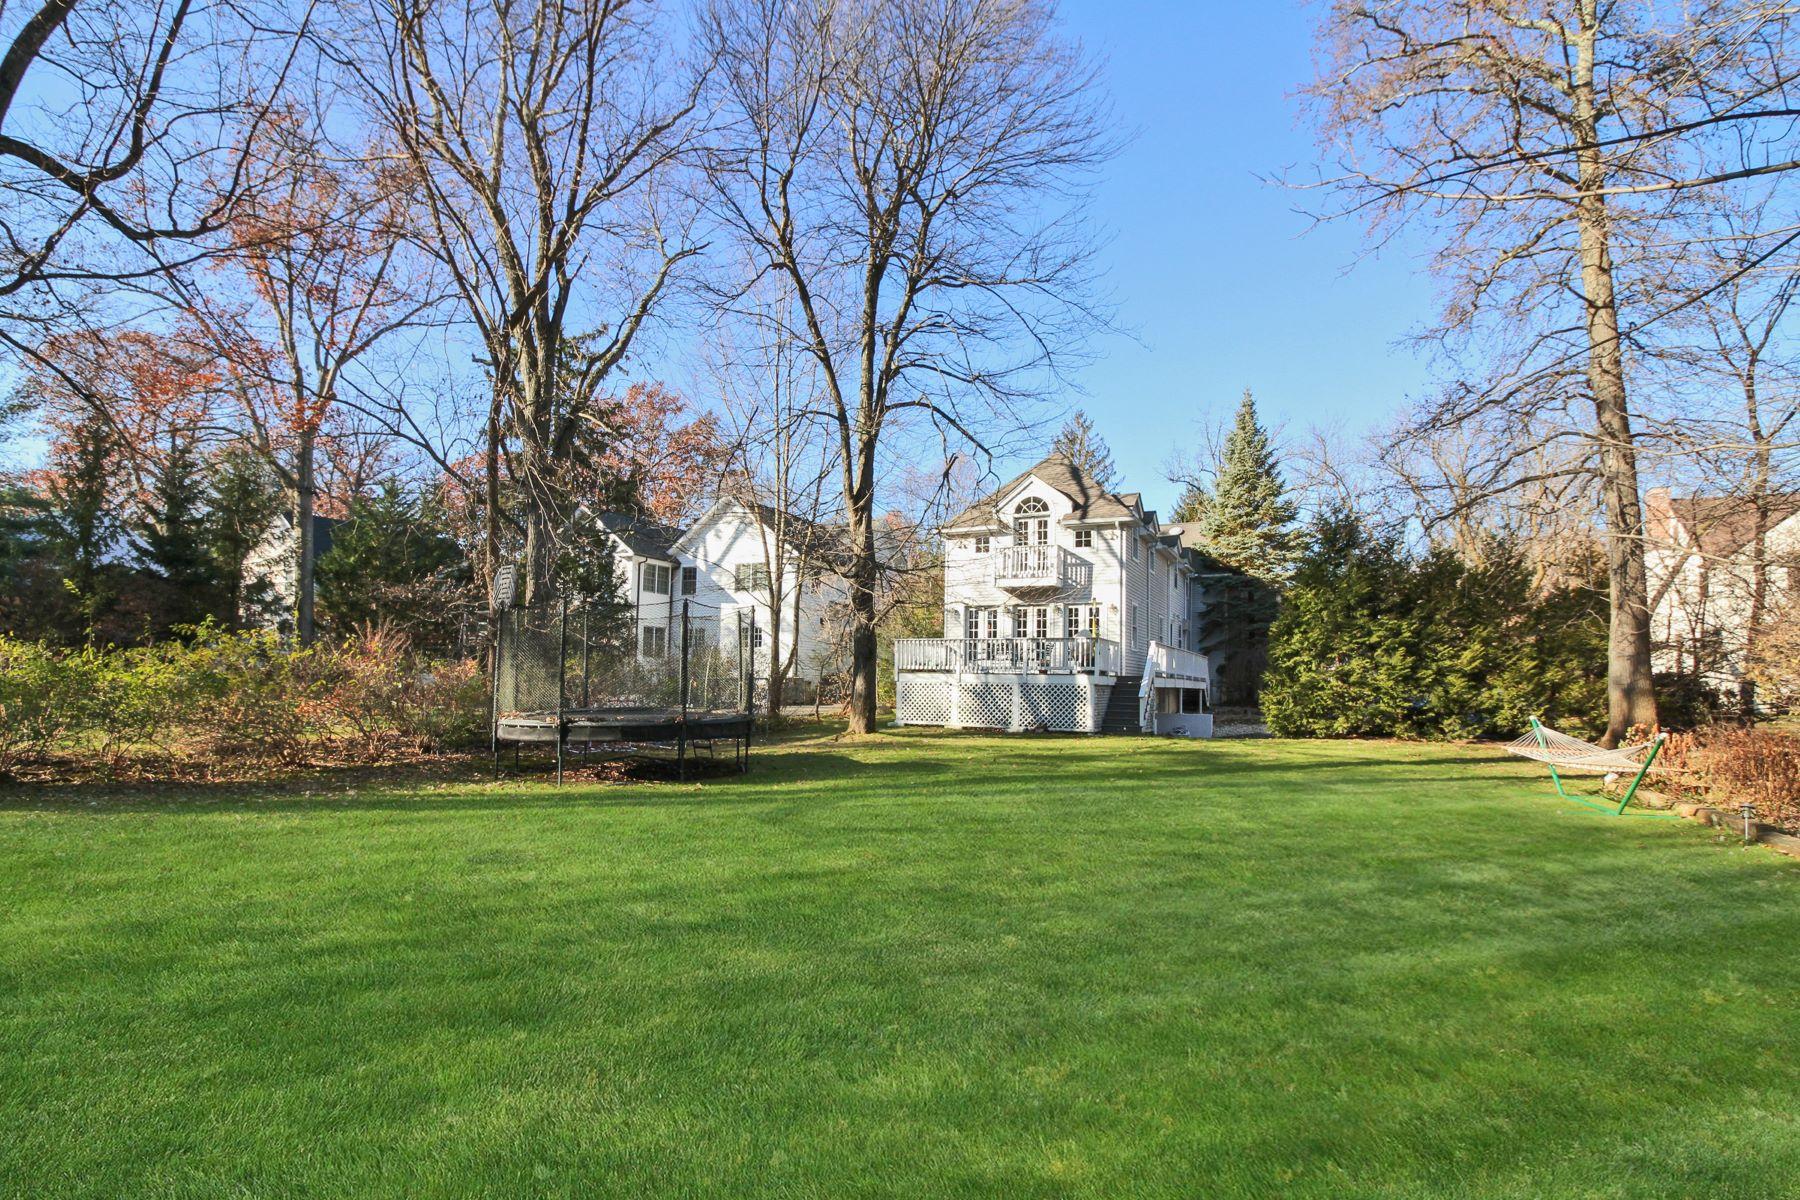 一戸建て のために 売買 アット Immaculate Home in Scarsdale 104 Garden Road, Scarsdale, ニューヨーク, 10583 アメリカ合衆国